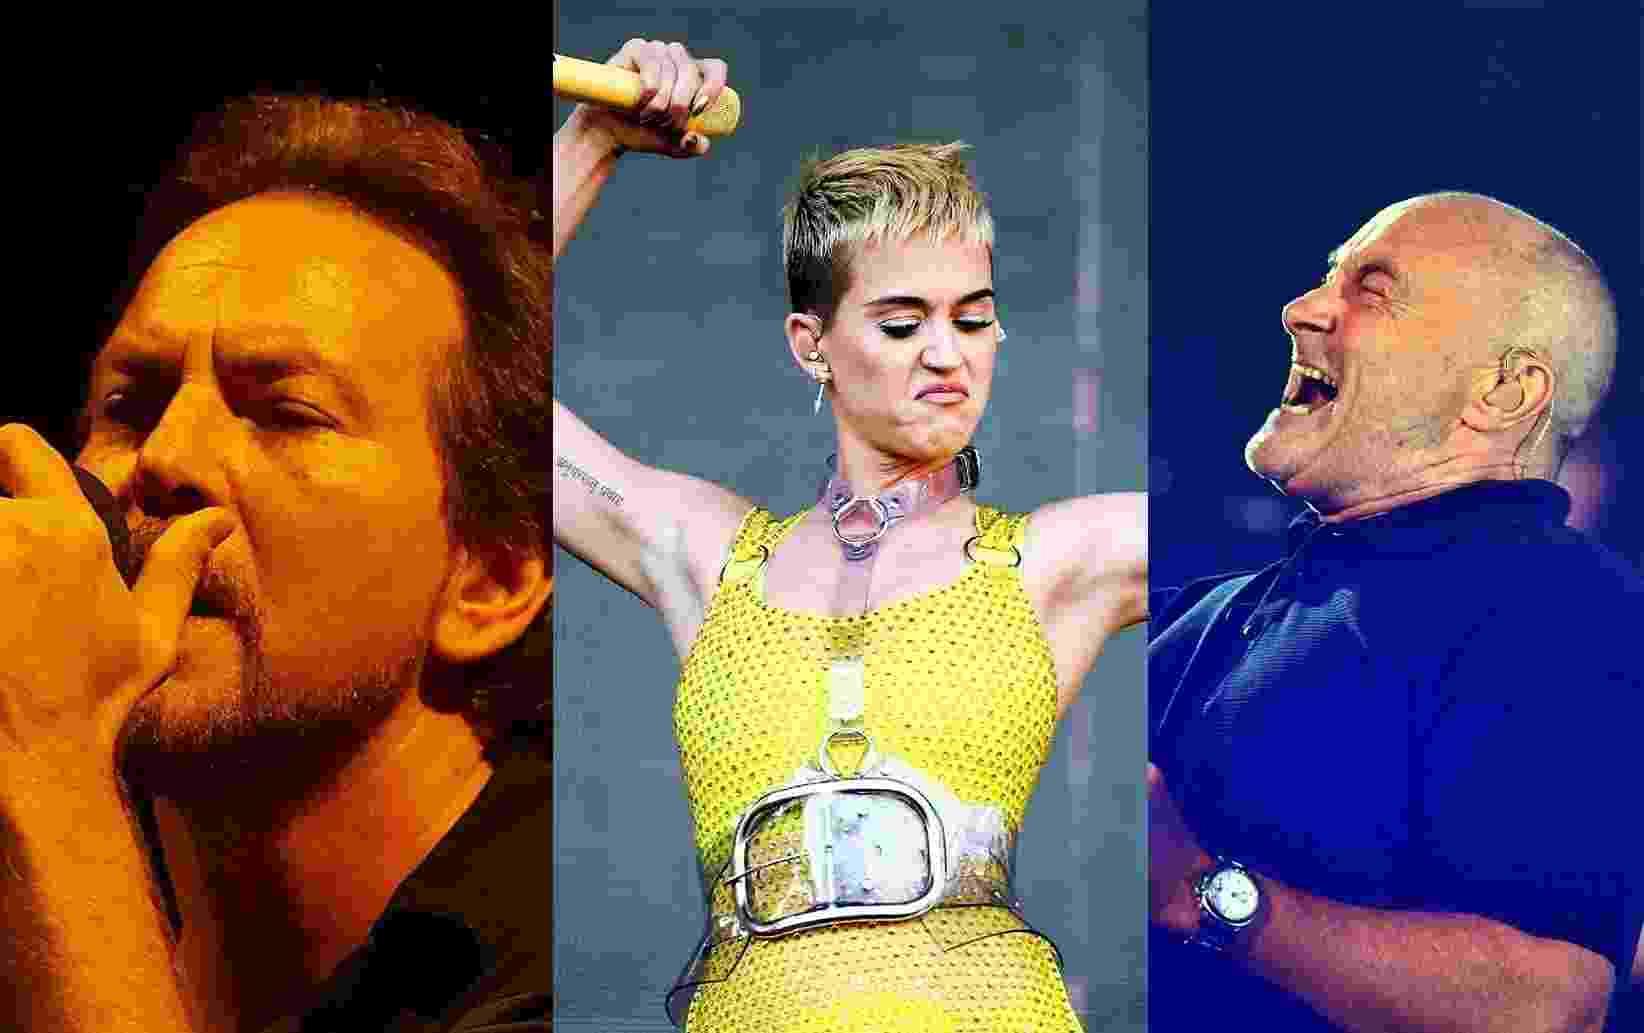 O novo ano não está de brincadeira. São mais de 15 shows internacionais apenas em março - Reprodução/UOL